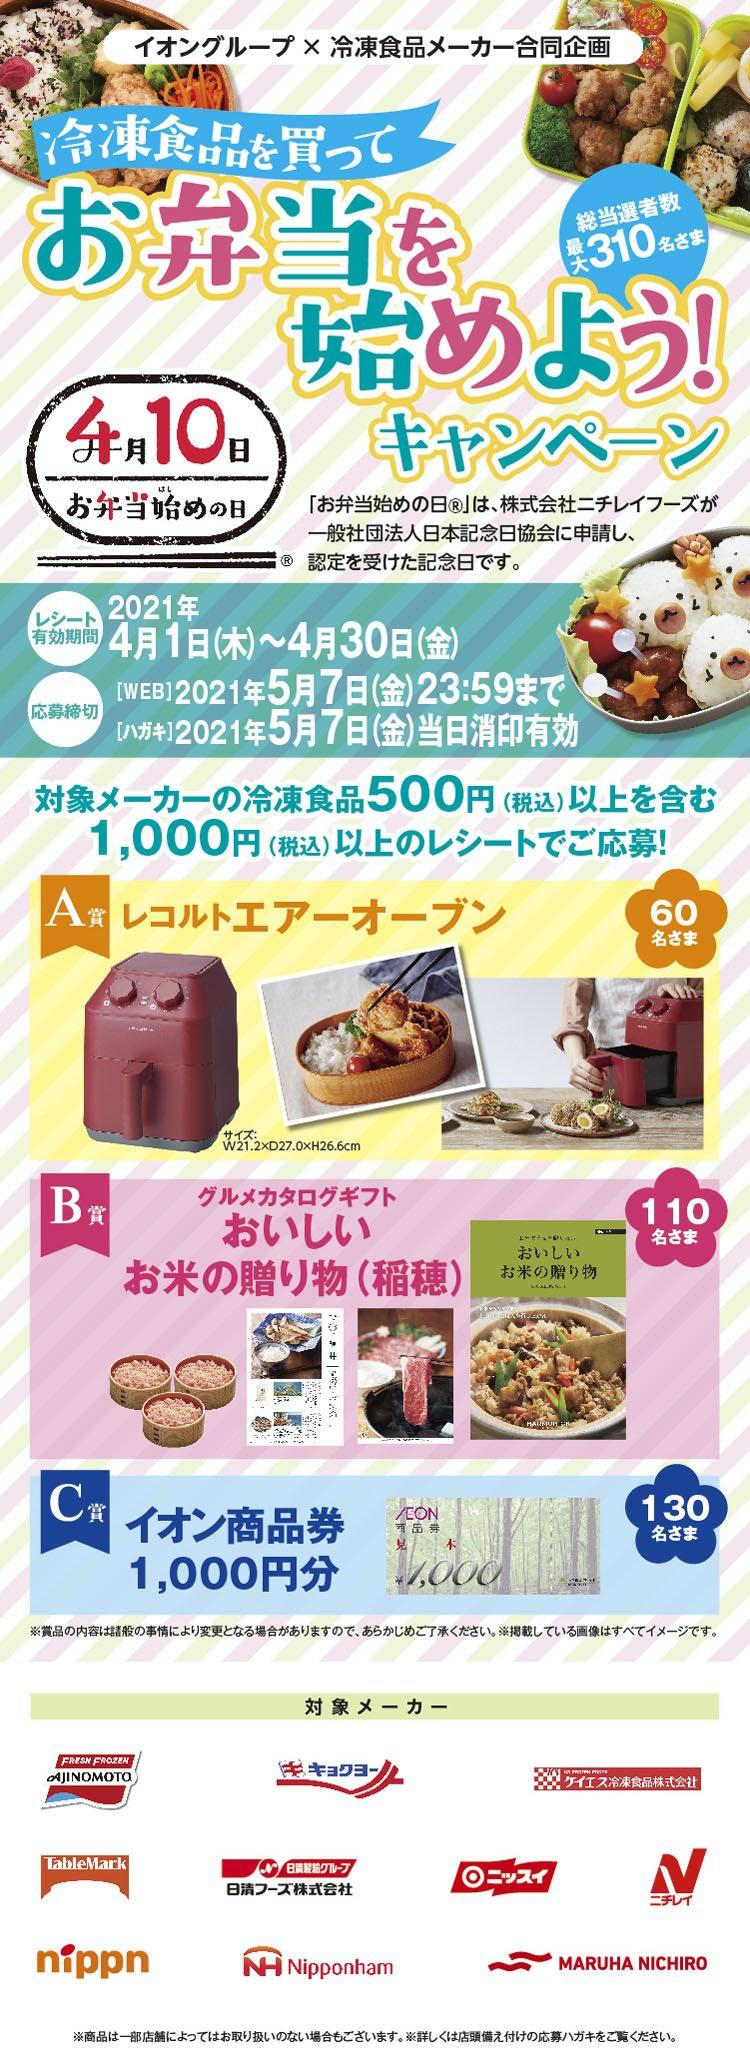 イオンの冷凍食品を買ってお弁当を始めよう!キャンペーン